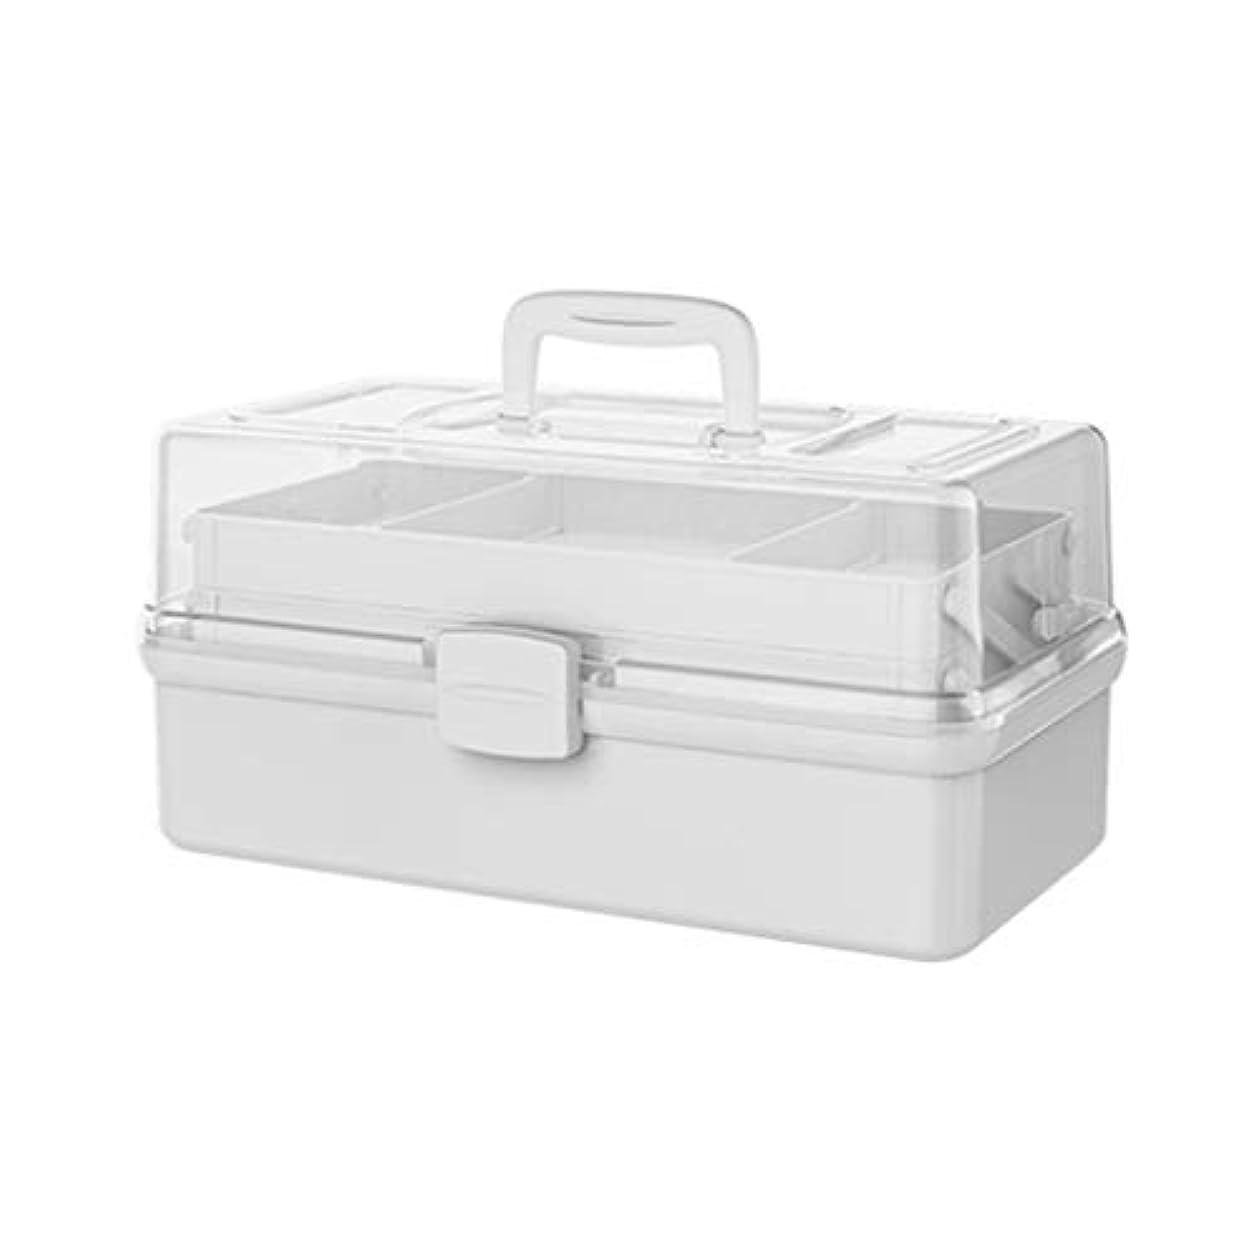 ご近所食事を調理する服を洗う応急処置ボックス - 医療ボックス - キャリングハンドル - ポータブル、家庭用薬収納コンテナーボックス、旅行職場